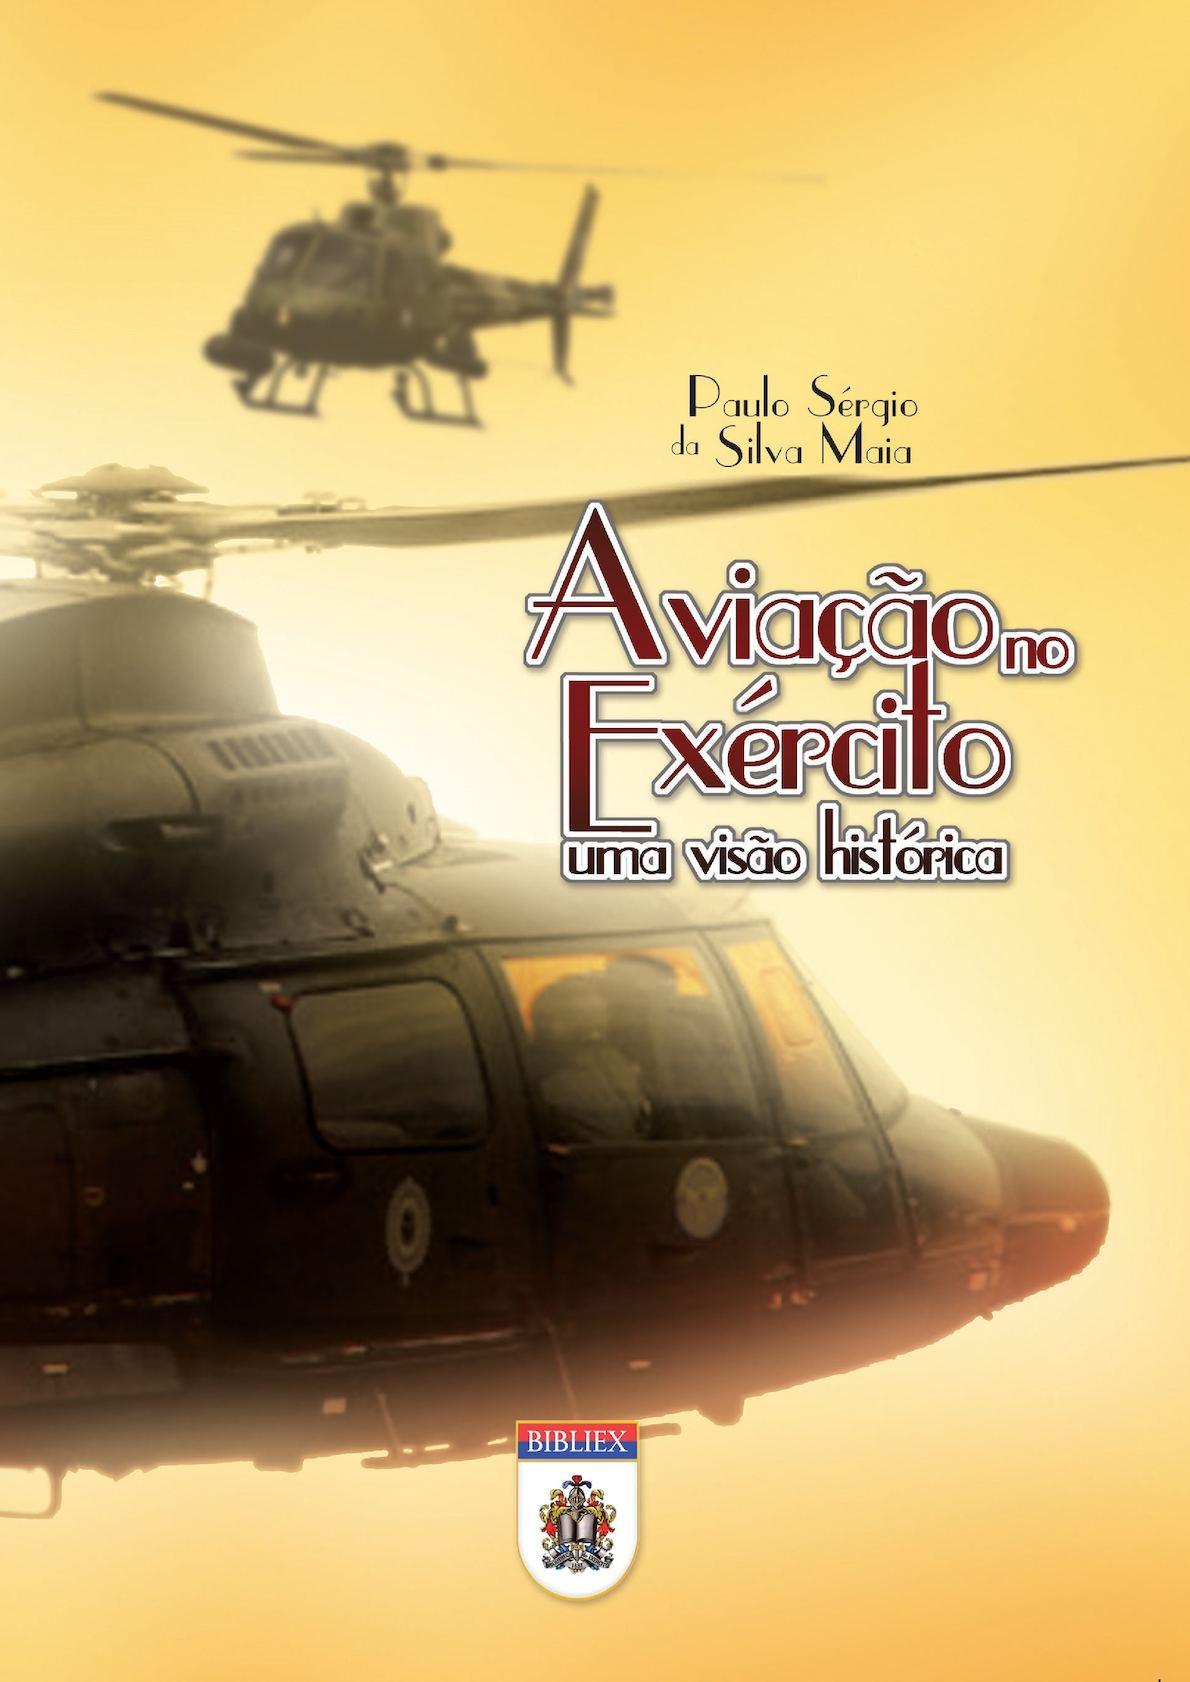 Calaméo - Aviação no Exército uma visão histórica 31a0fc0123